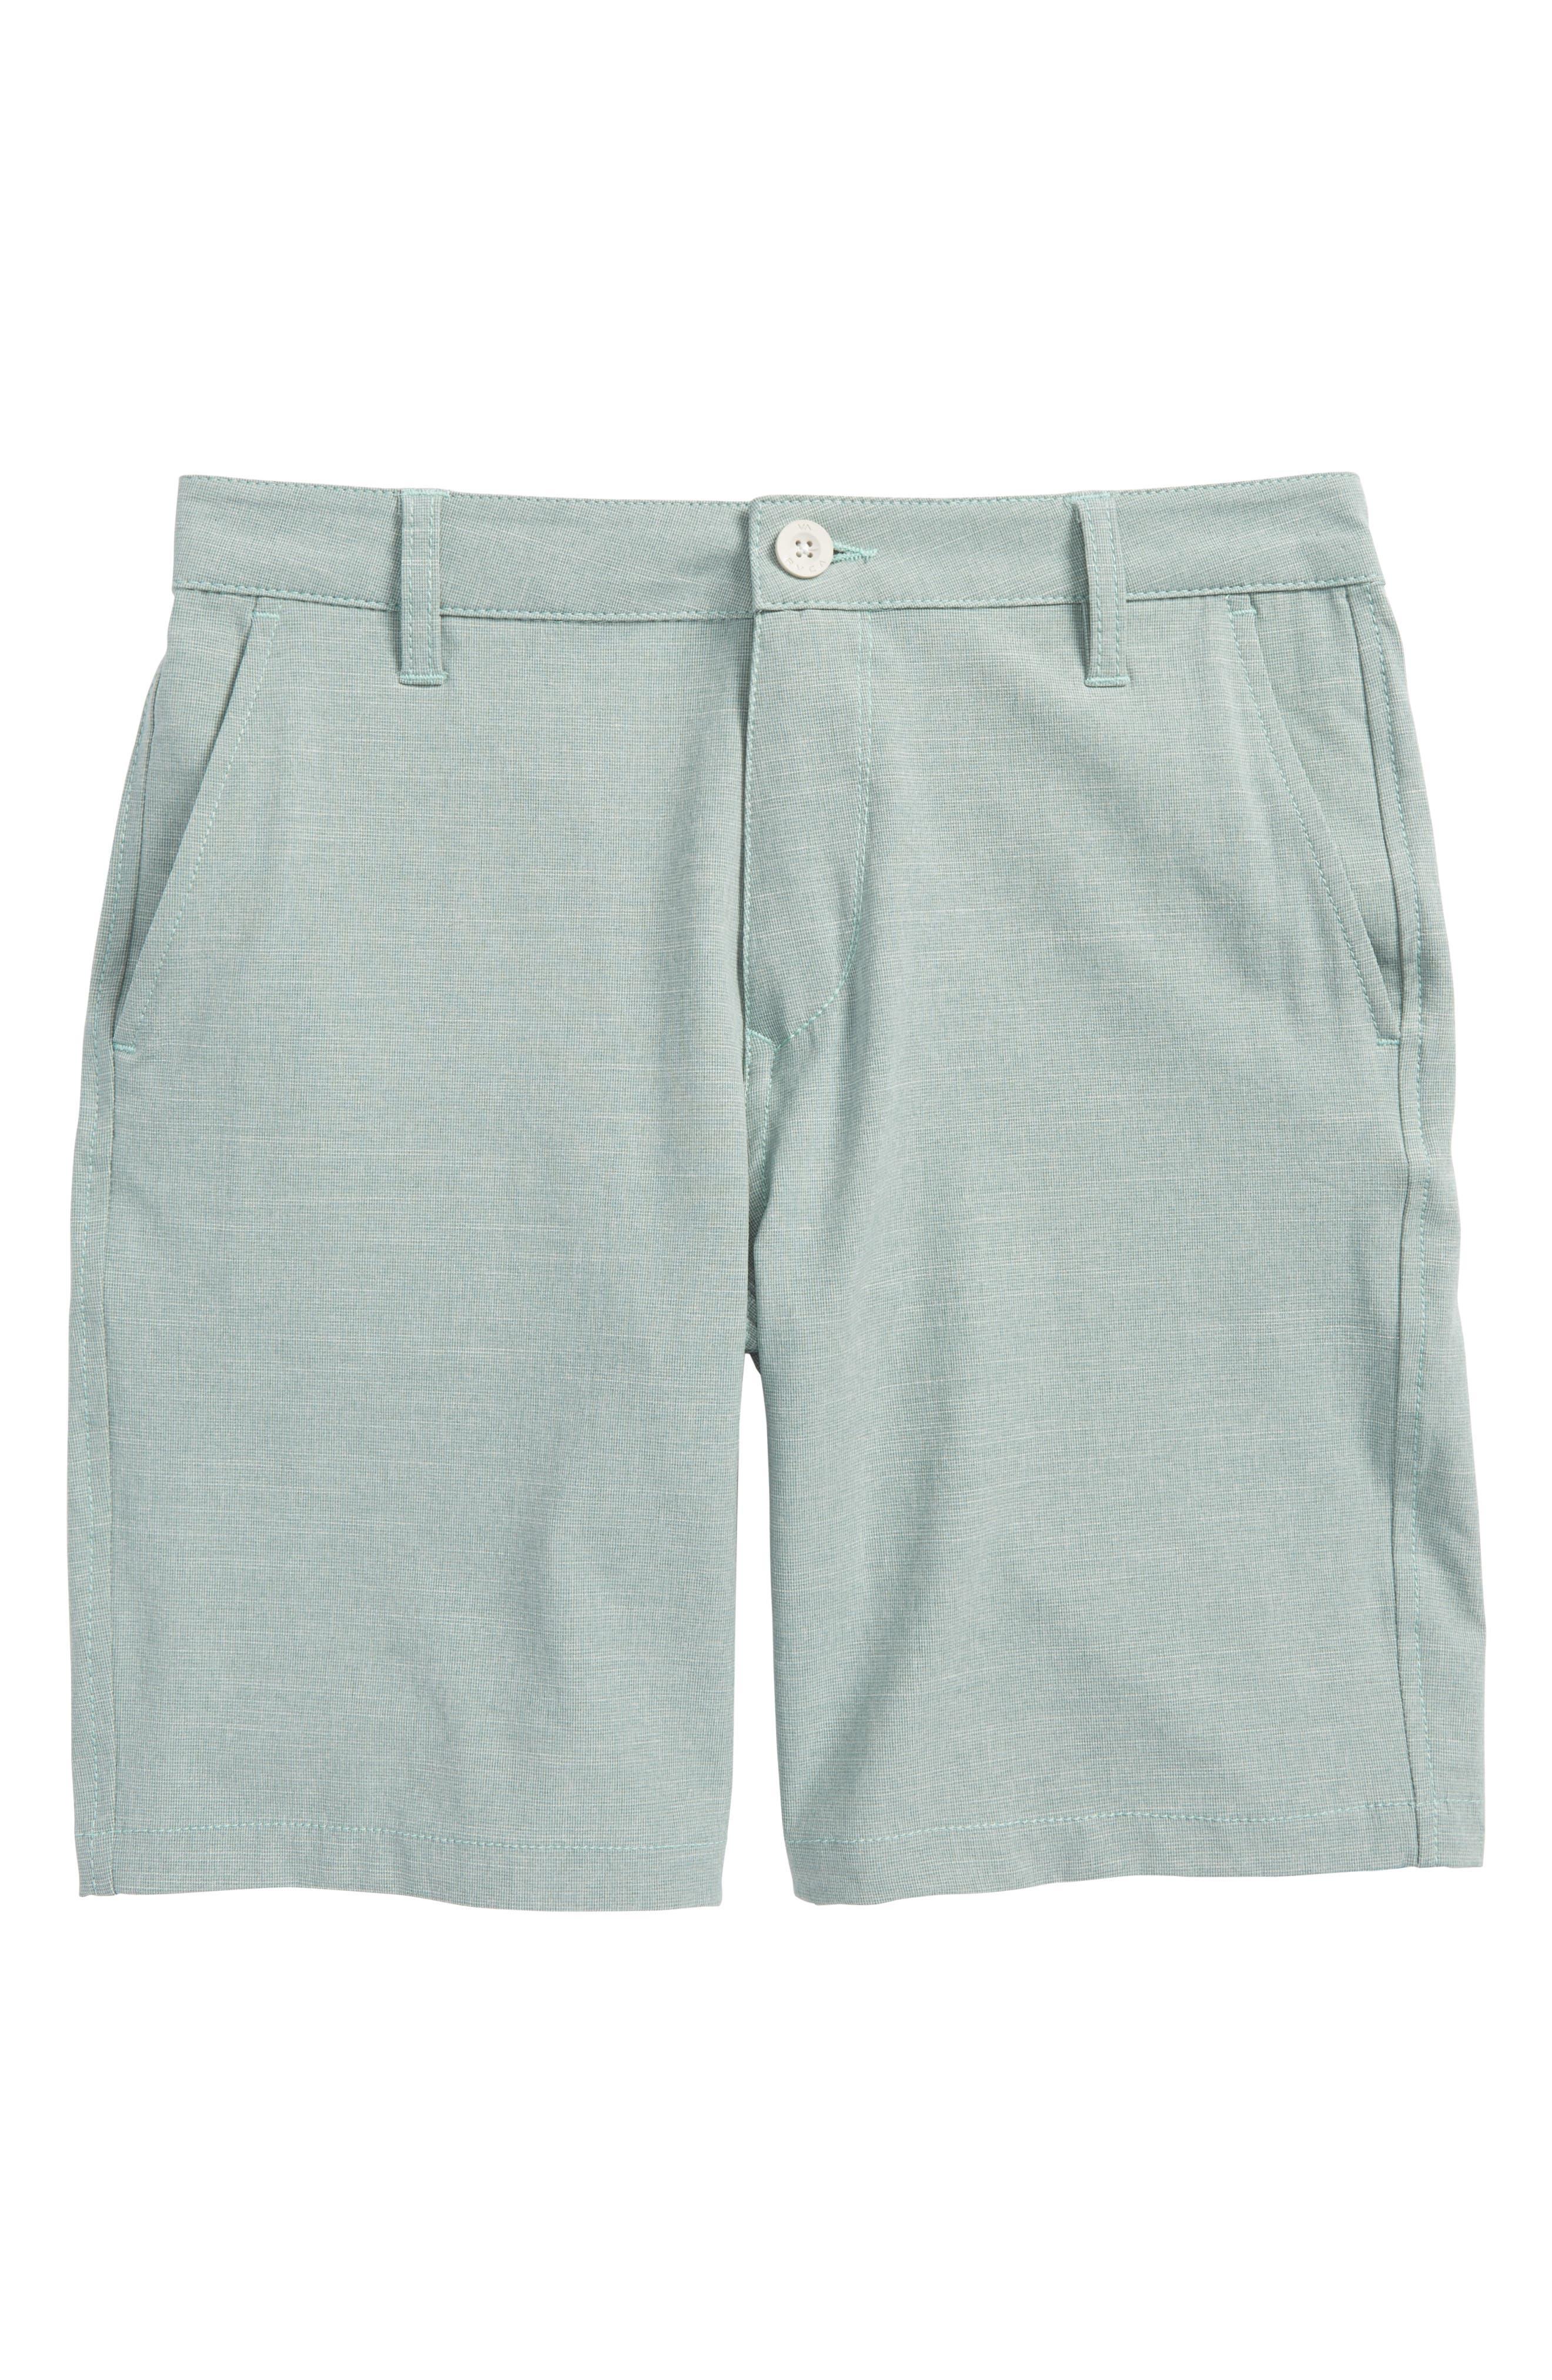 Balance Hybrid Board Shorts,                             Main thumbnail 1, color,                             320